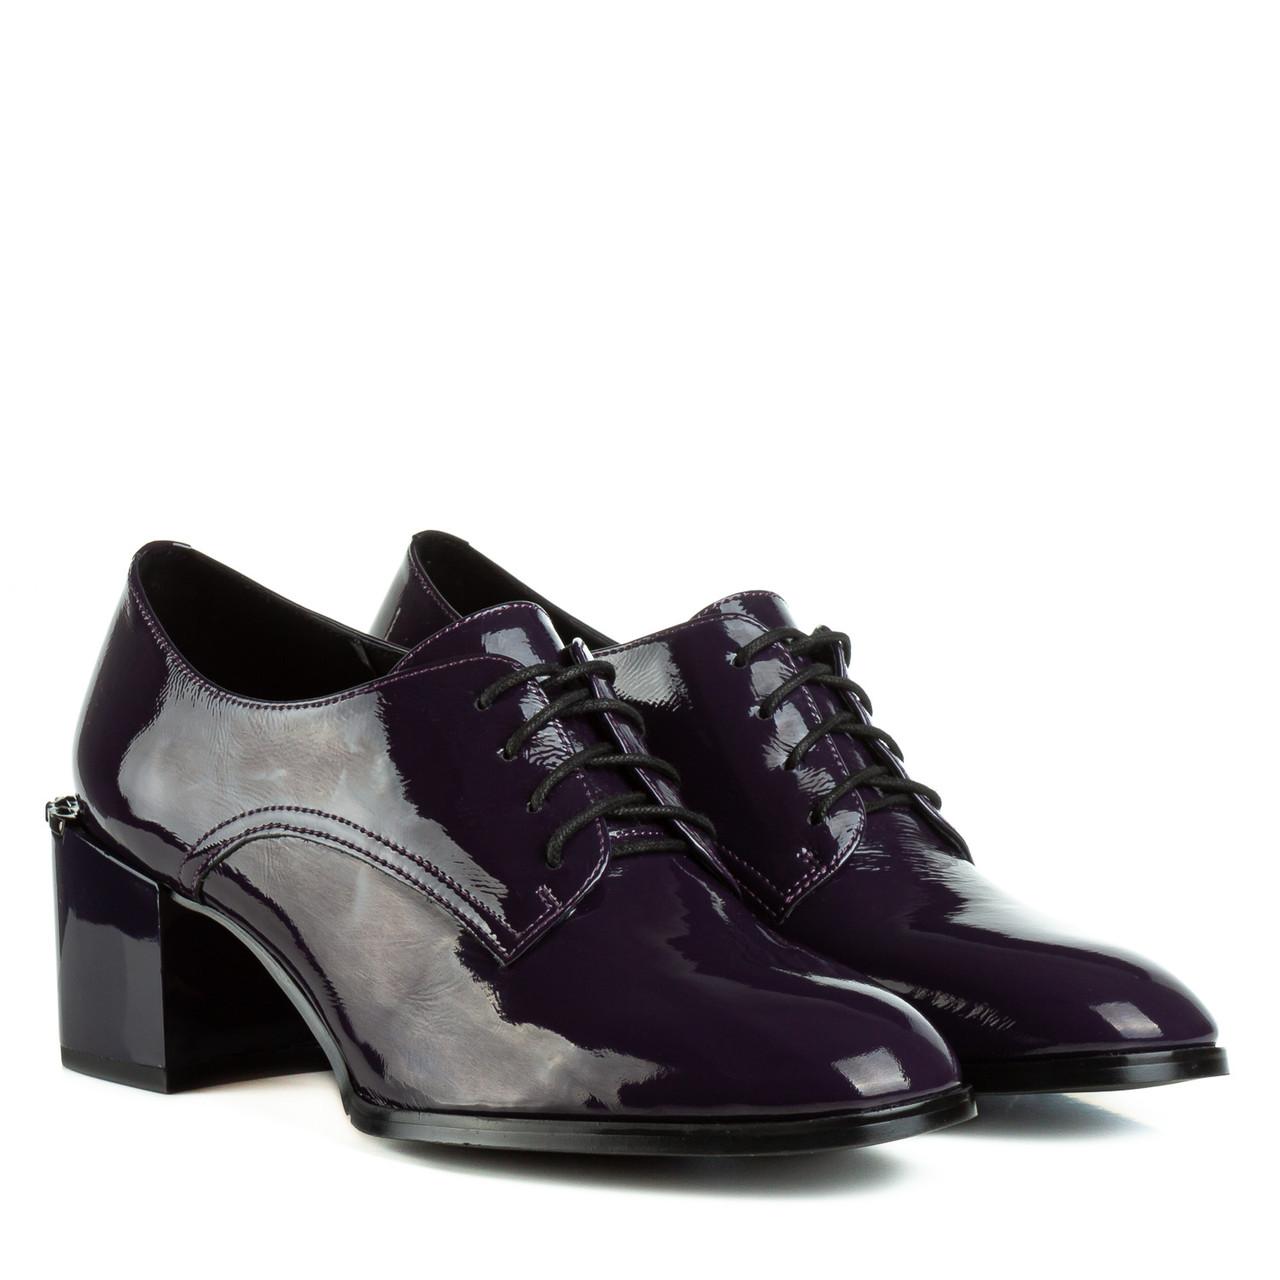 Туфли женские Molka(кожаные, лакированные, фиолетовые, на шнурках)